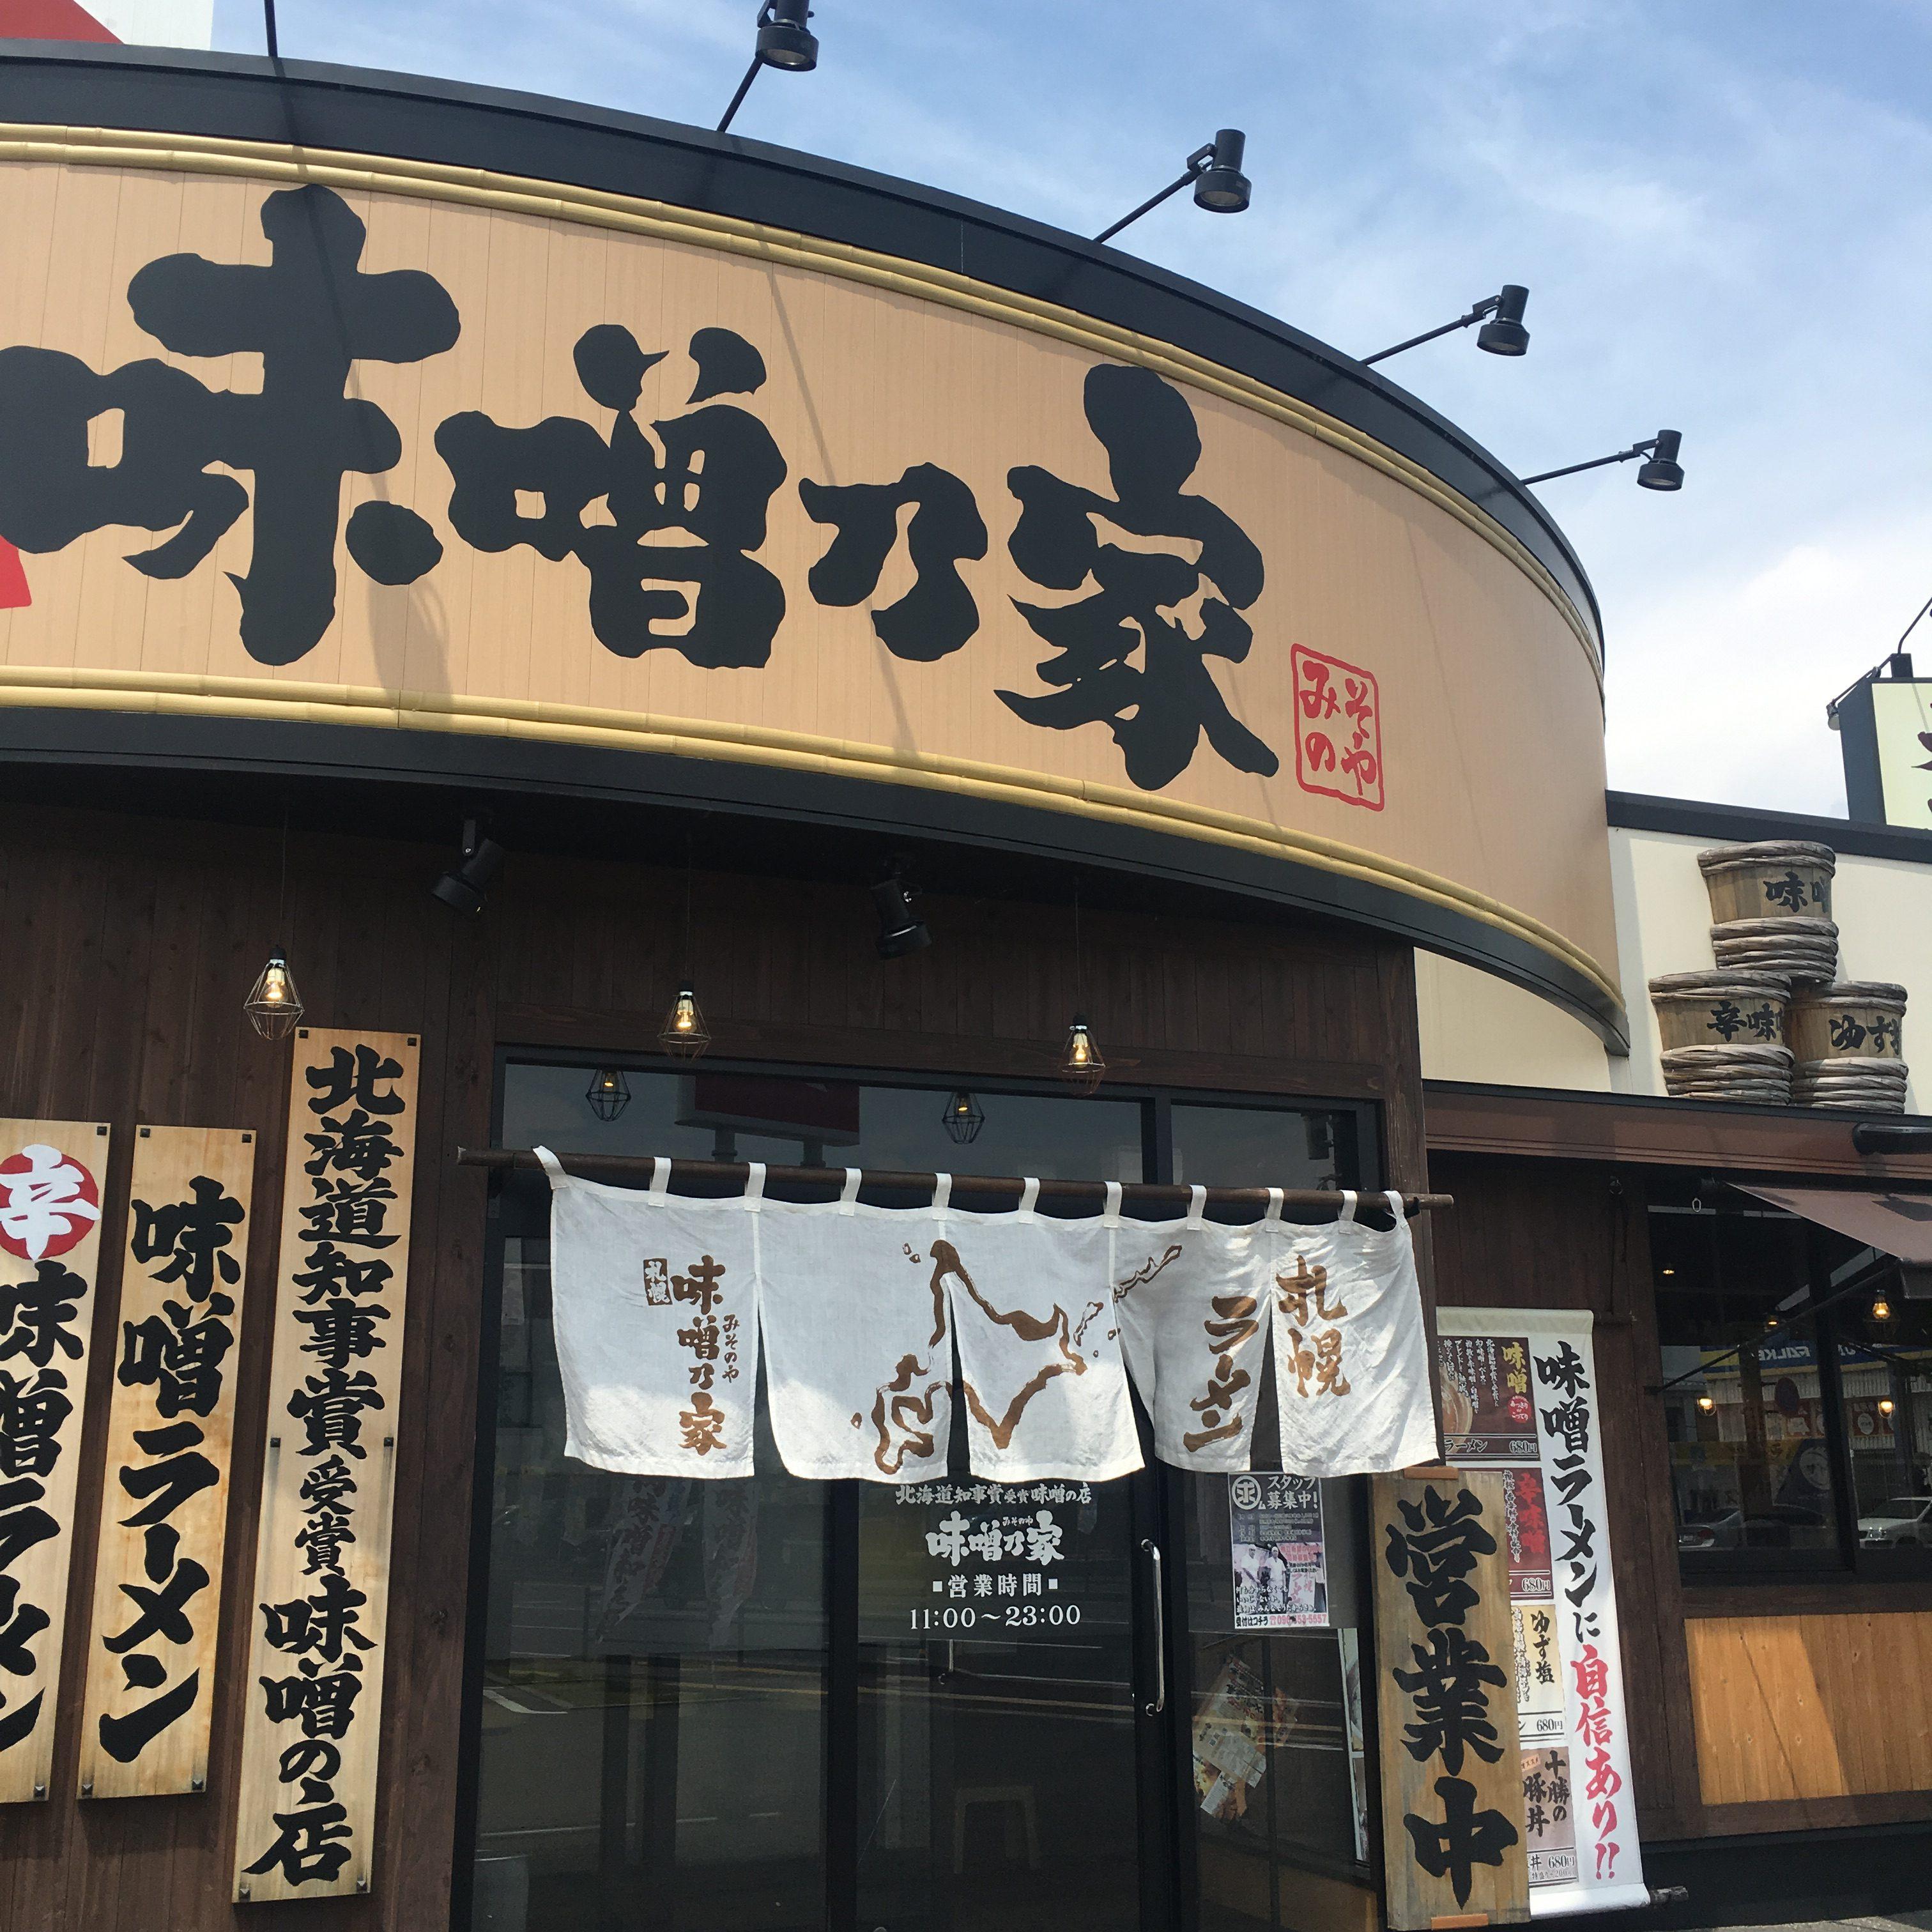 【味噌乃家】熊本十禅寺&インターにある味噌ラーメンの店